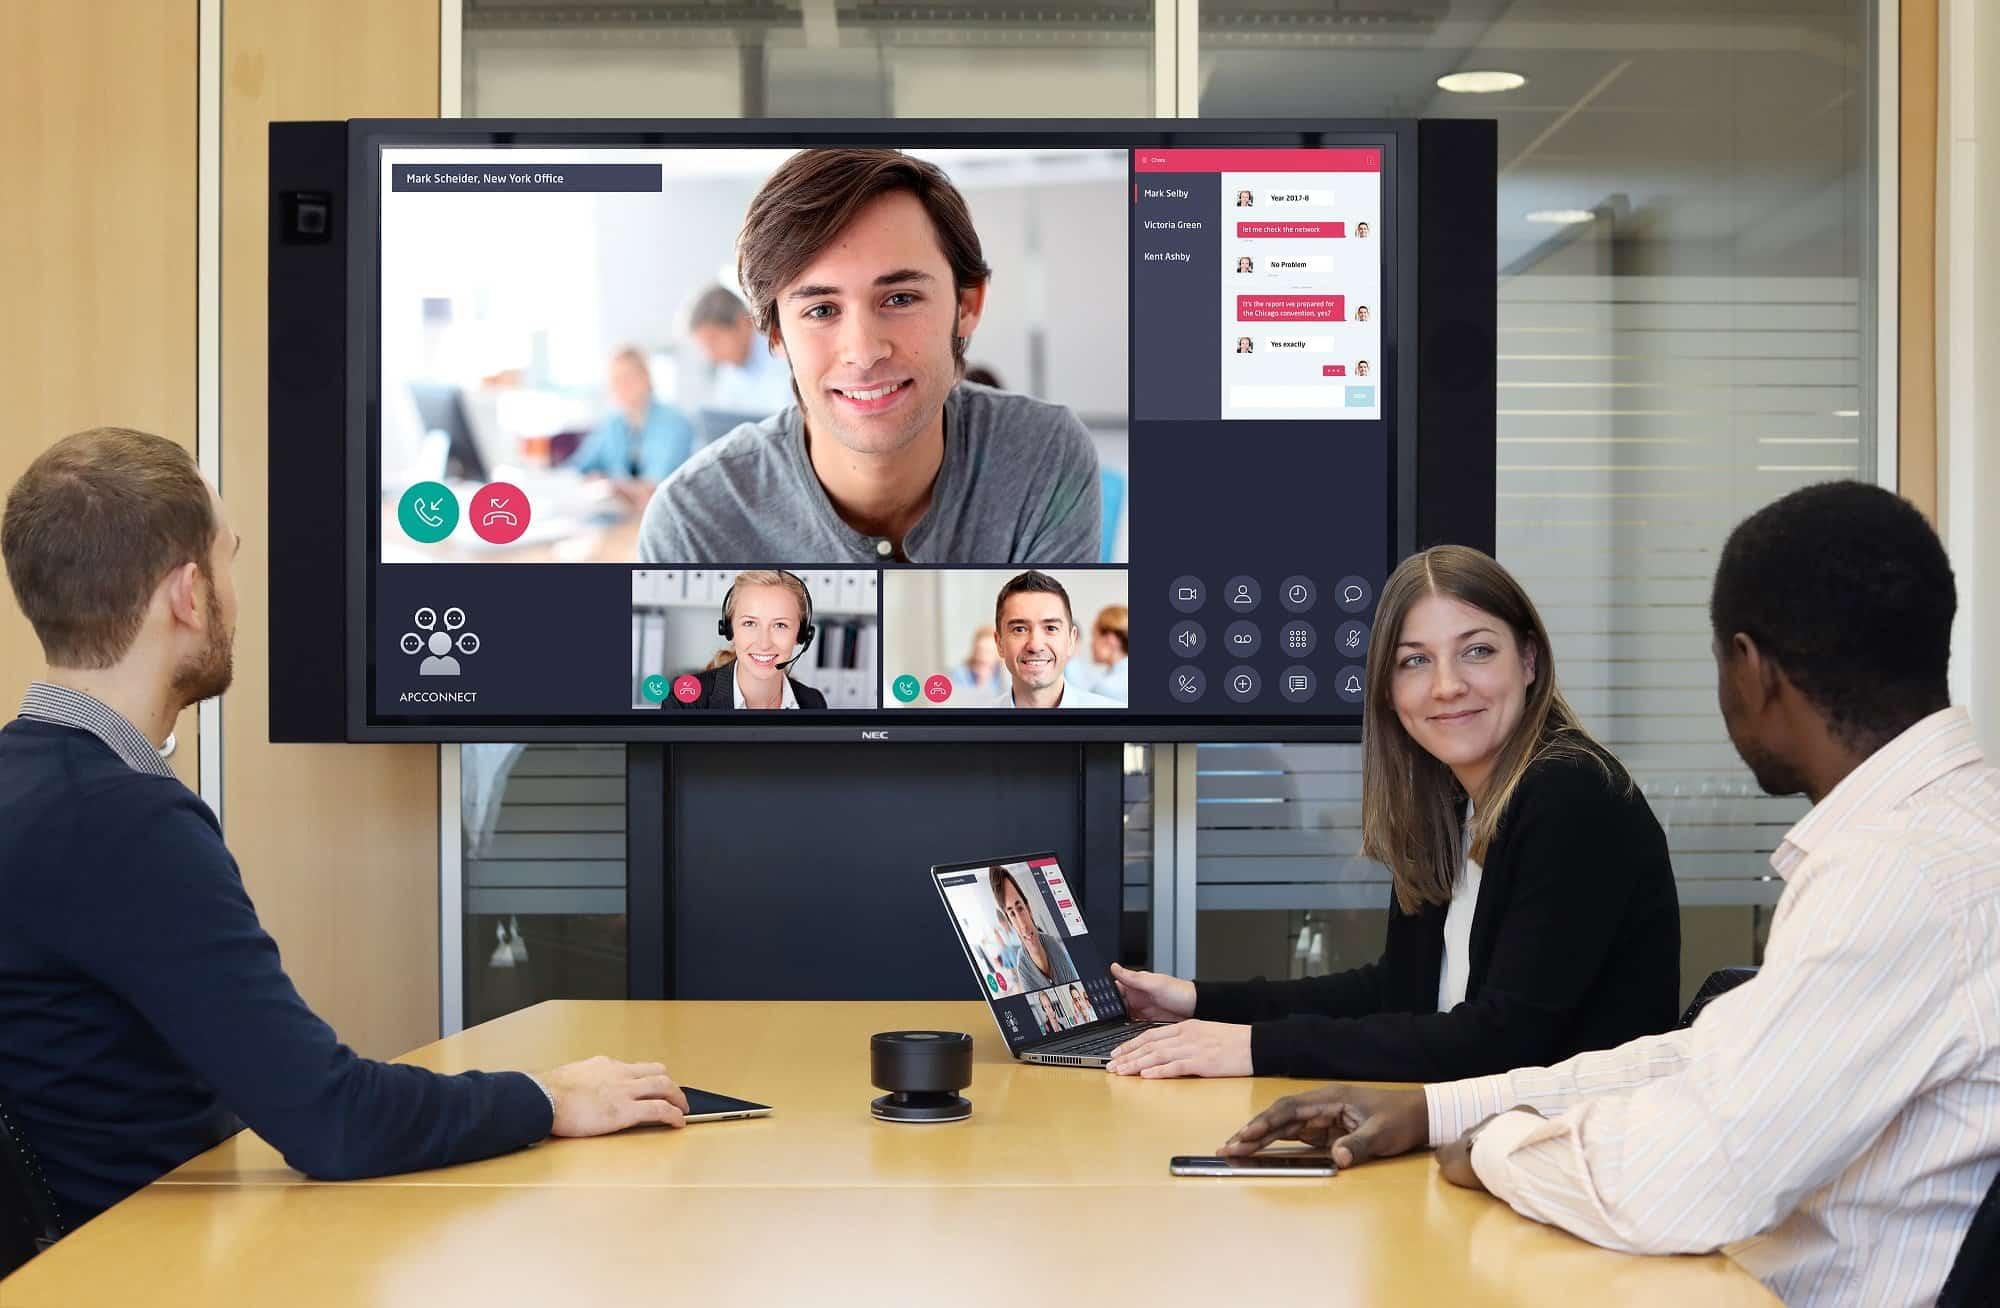 Corsi a distanza in tempo reale, Corsi Cisco, Corsi Microsoft, Corsi Oracle, Corsi Fortinet, Corsi CompTIA, Corsi VMware